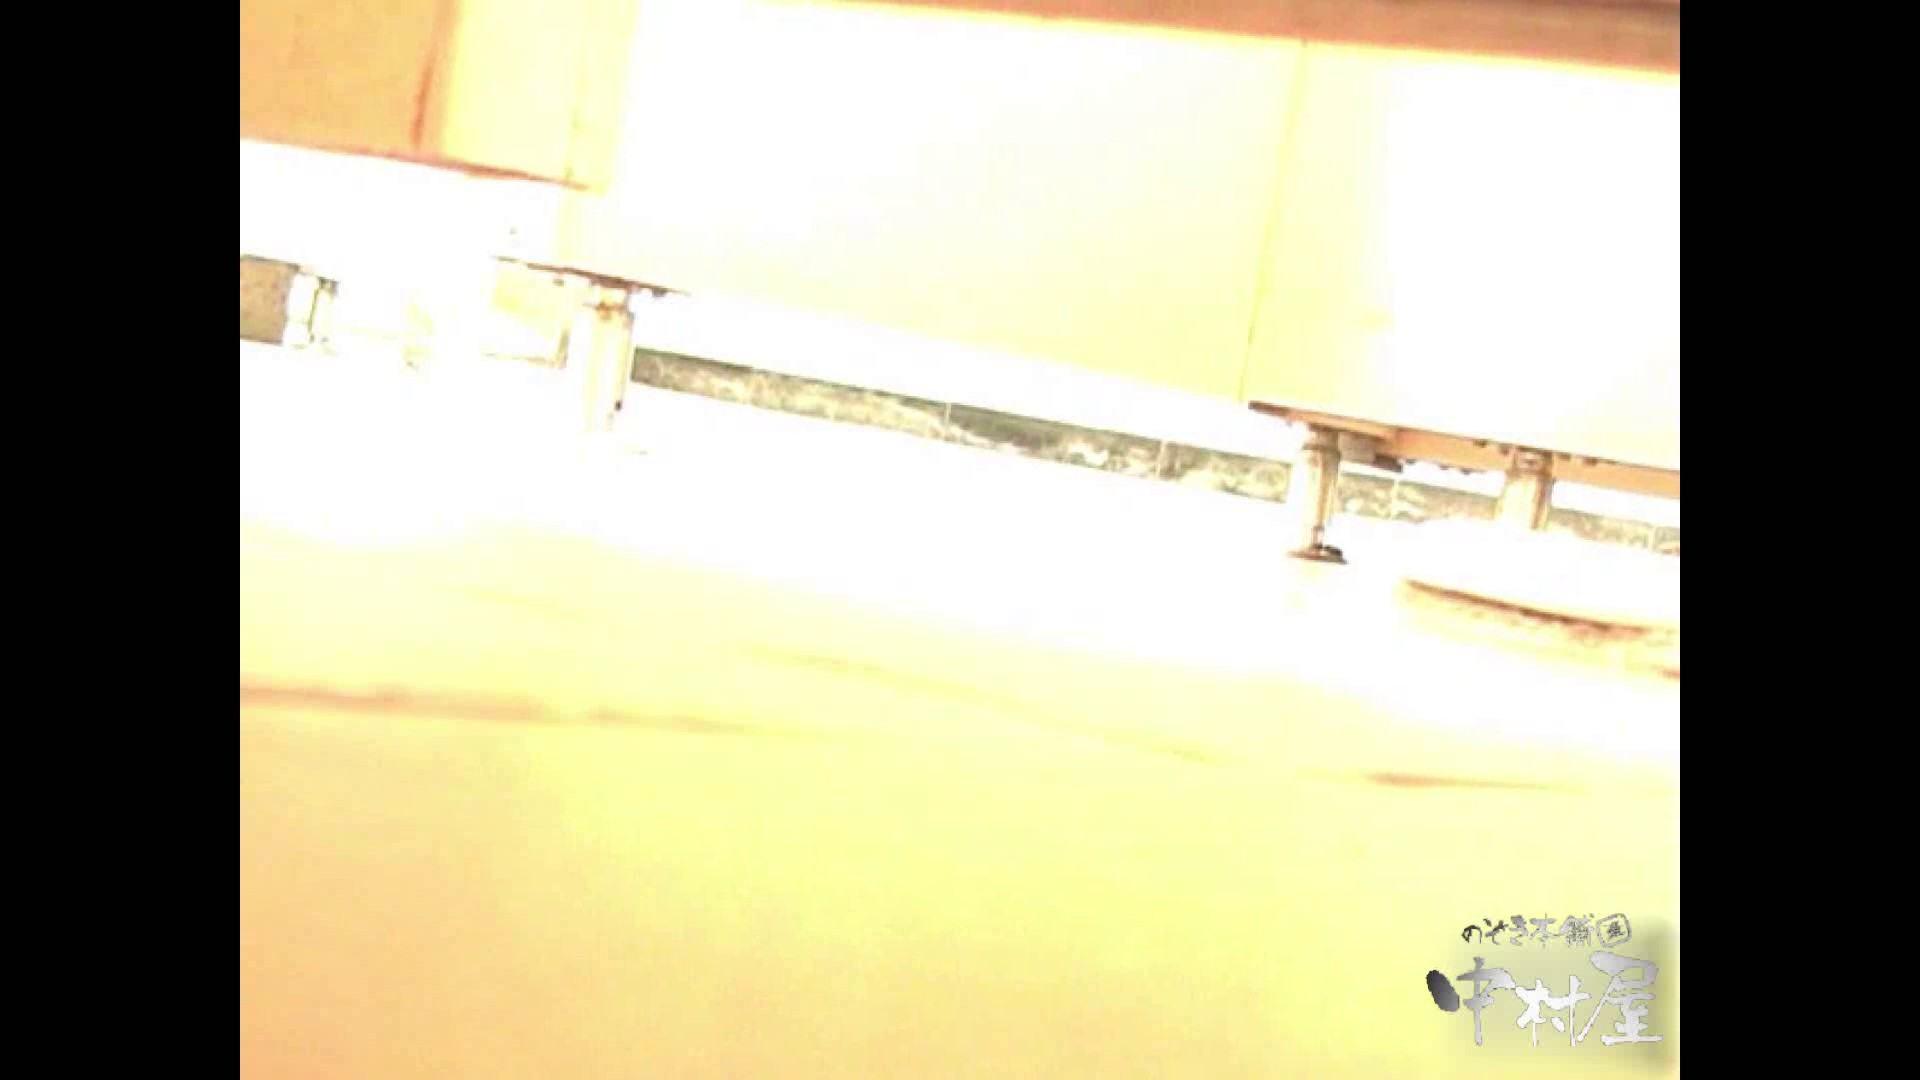 岩手県在住盗撮師盗撮記録vol.02 お姉さん達のオマンコ オマンコ無修正動画無料 53連発 35